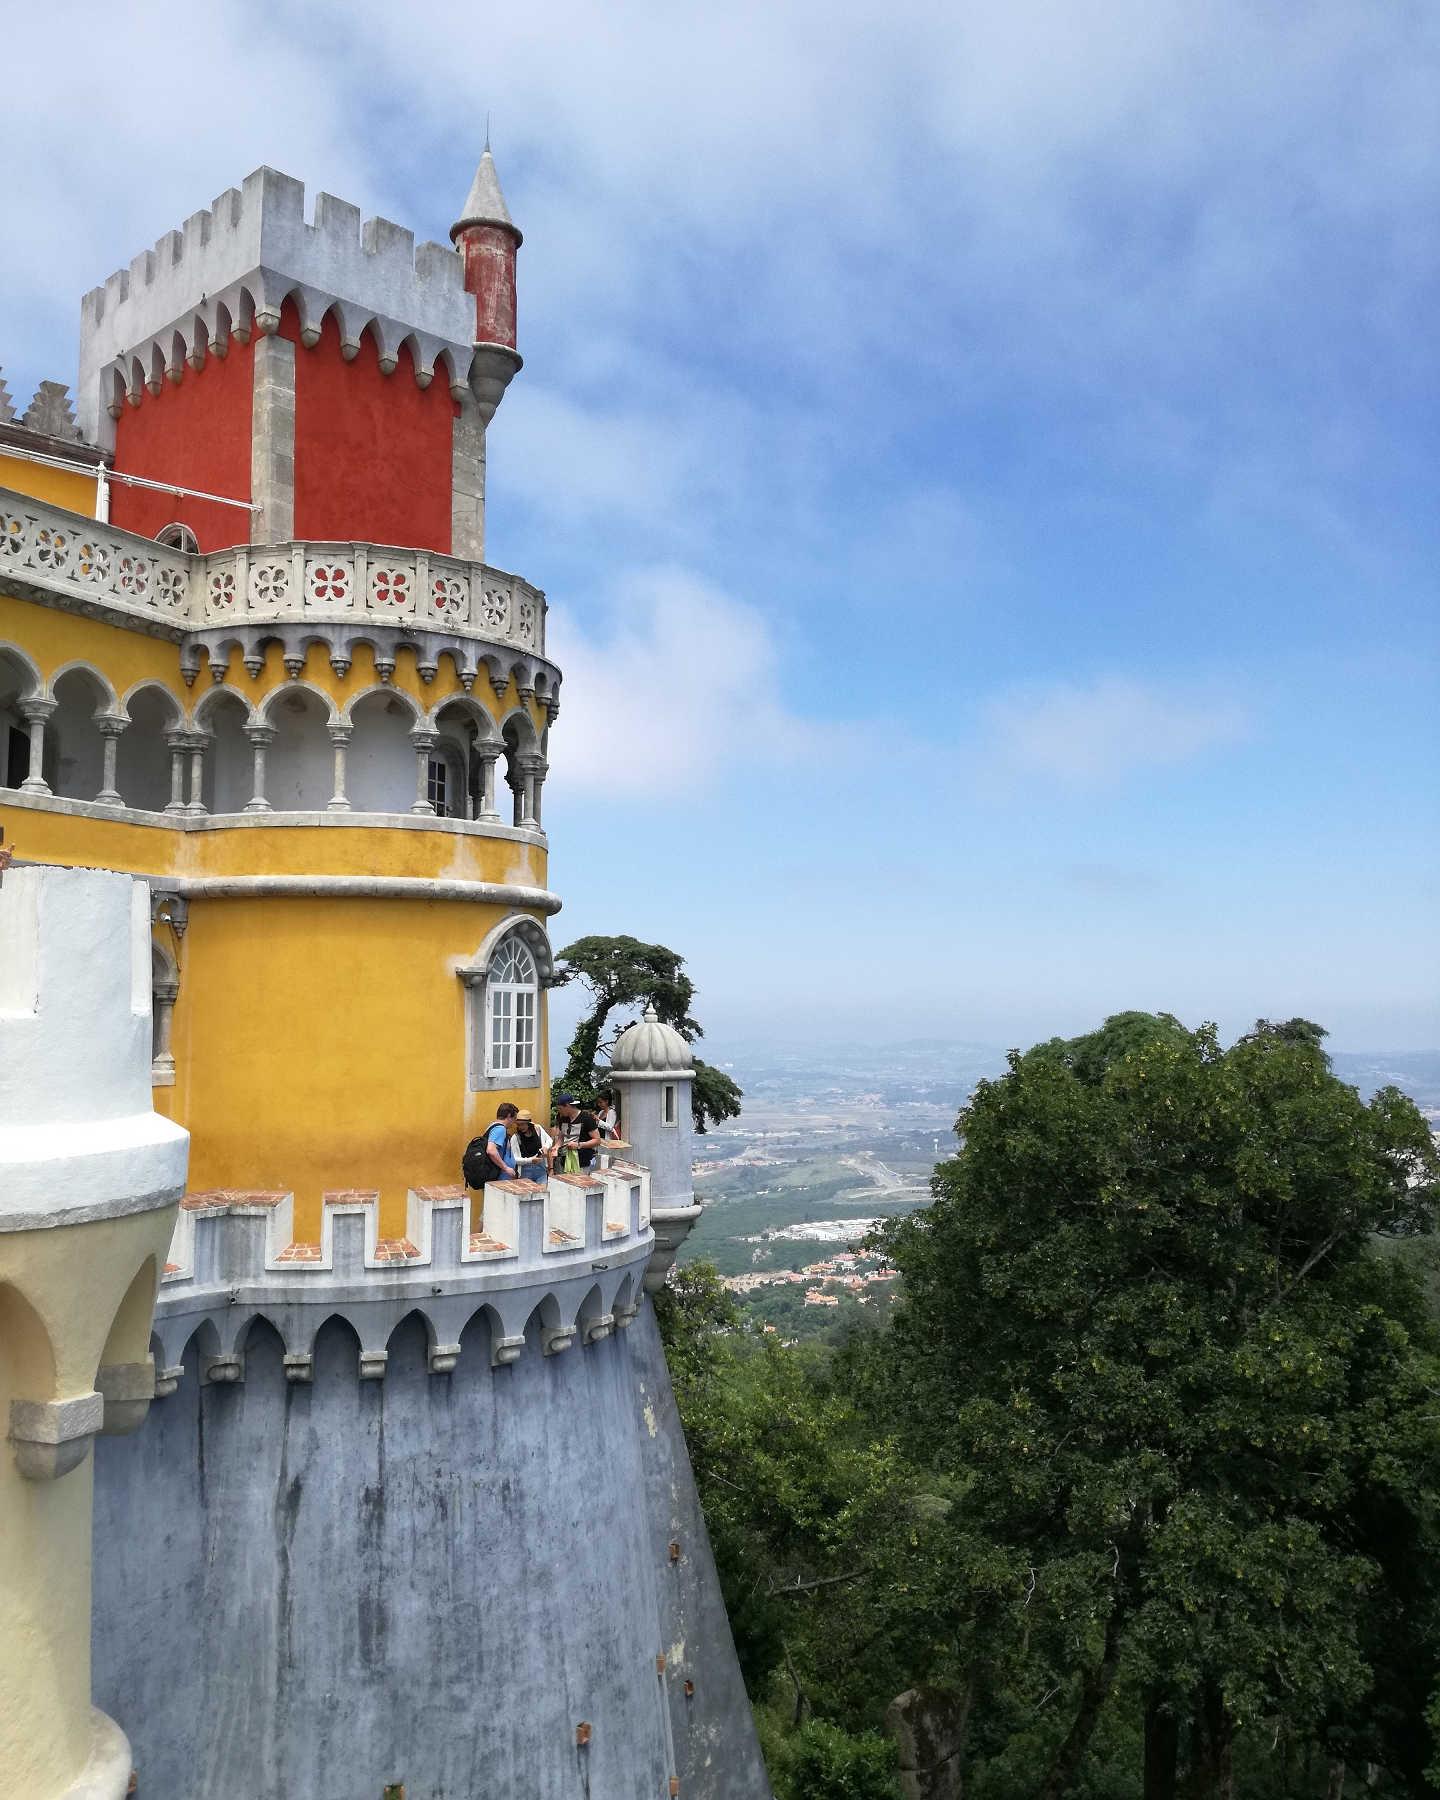 Ausflug nach portugal sintra and cascais idealism prevails for Architektur romantik